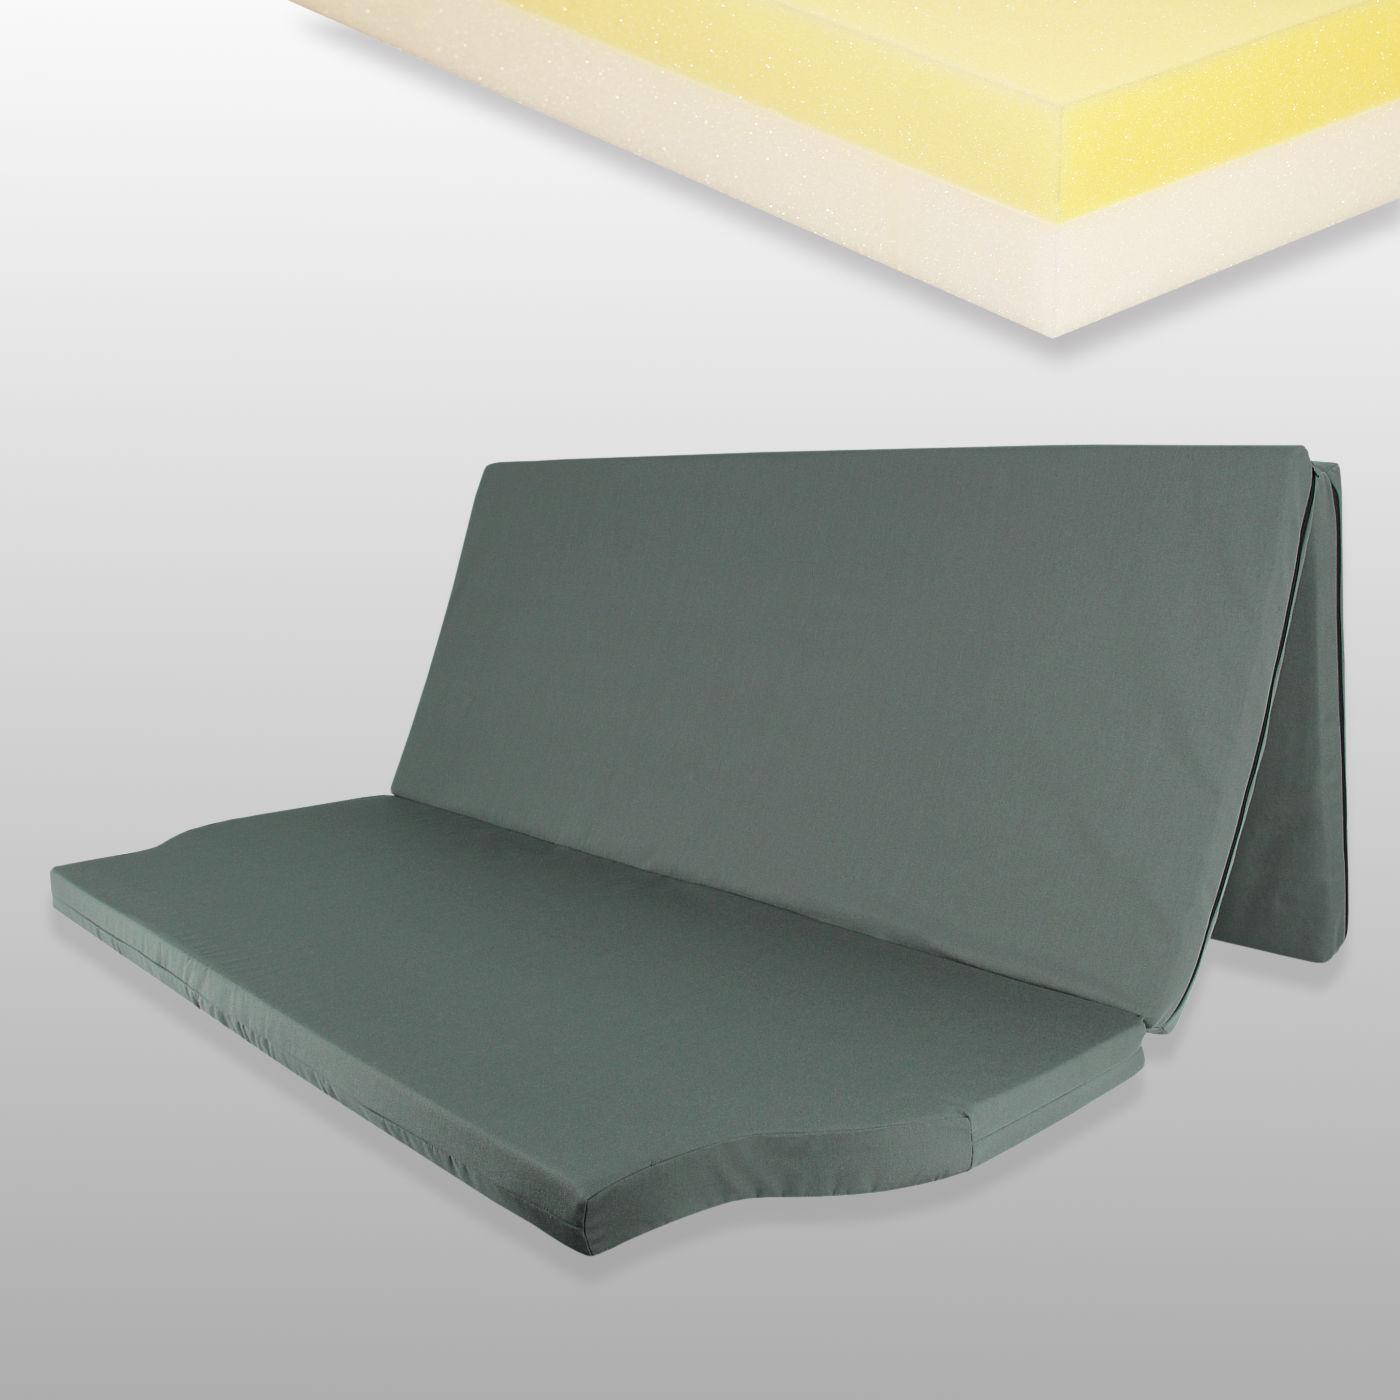 vw t4 t5 t6 vw mercedes matratzen sparundschlaf. Black Bedroom Furniture Sets. Home Design Ideas